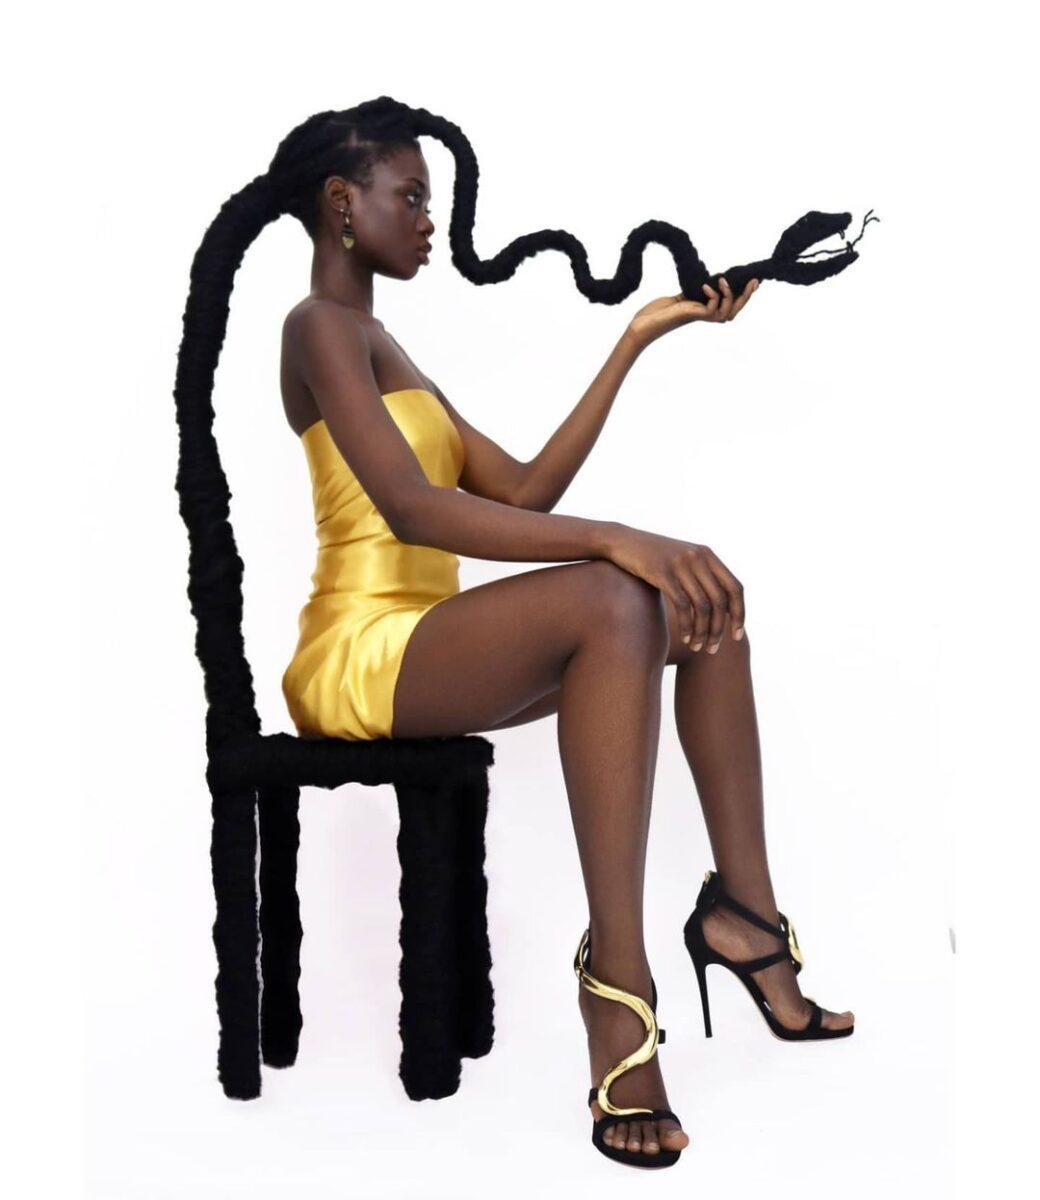 Laetitia Ky artista cria esculturas com o proprio cabelo e exalta beleza crespa 19